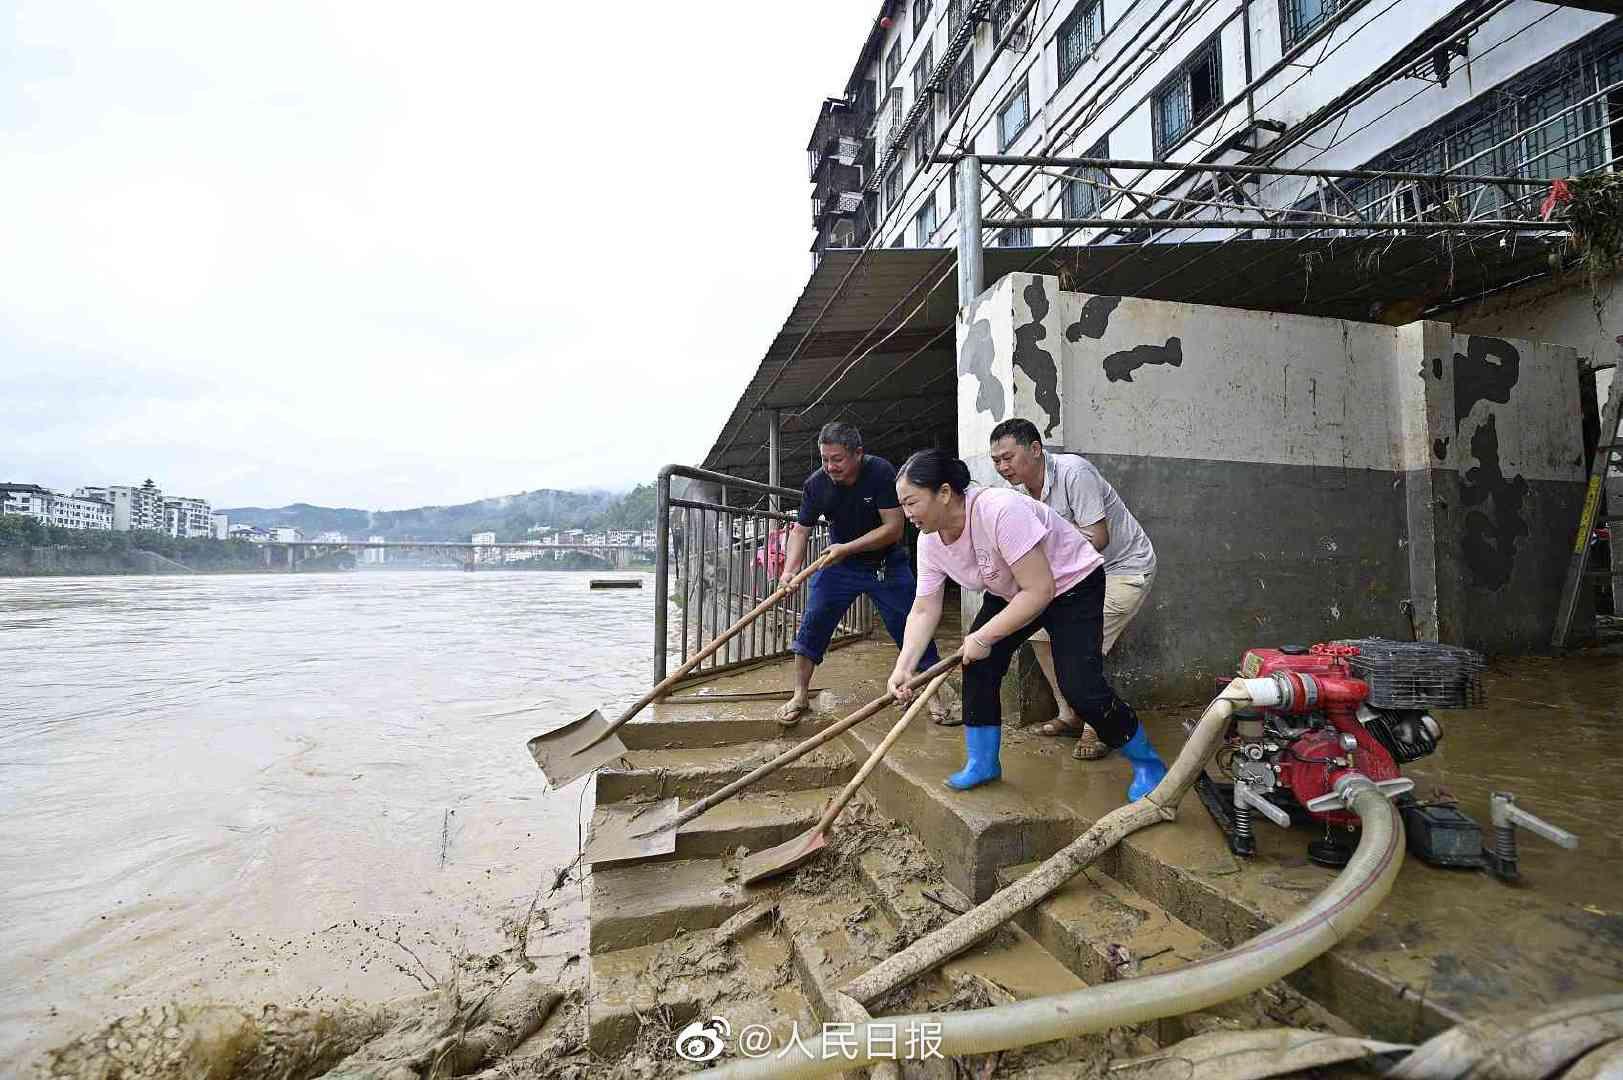 贵州洪涝10人死亡43.8万人受灾,针对贵州洪涝启动国家Ⅳ级应急响应图片